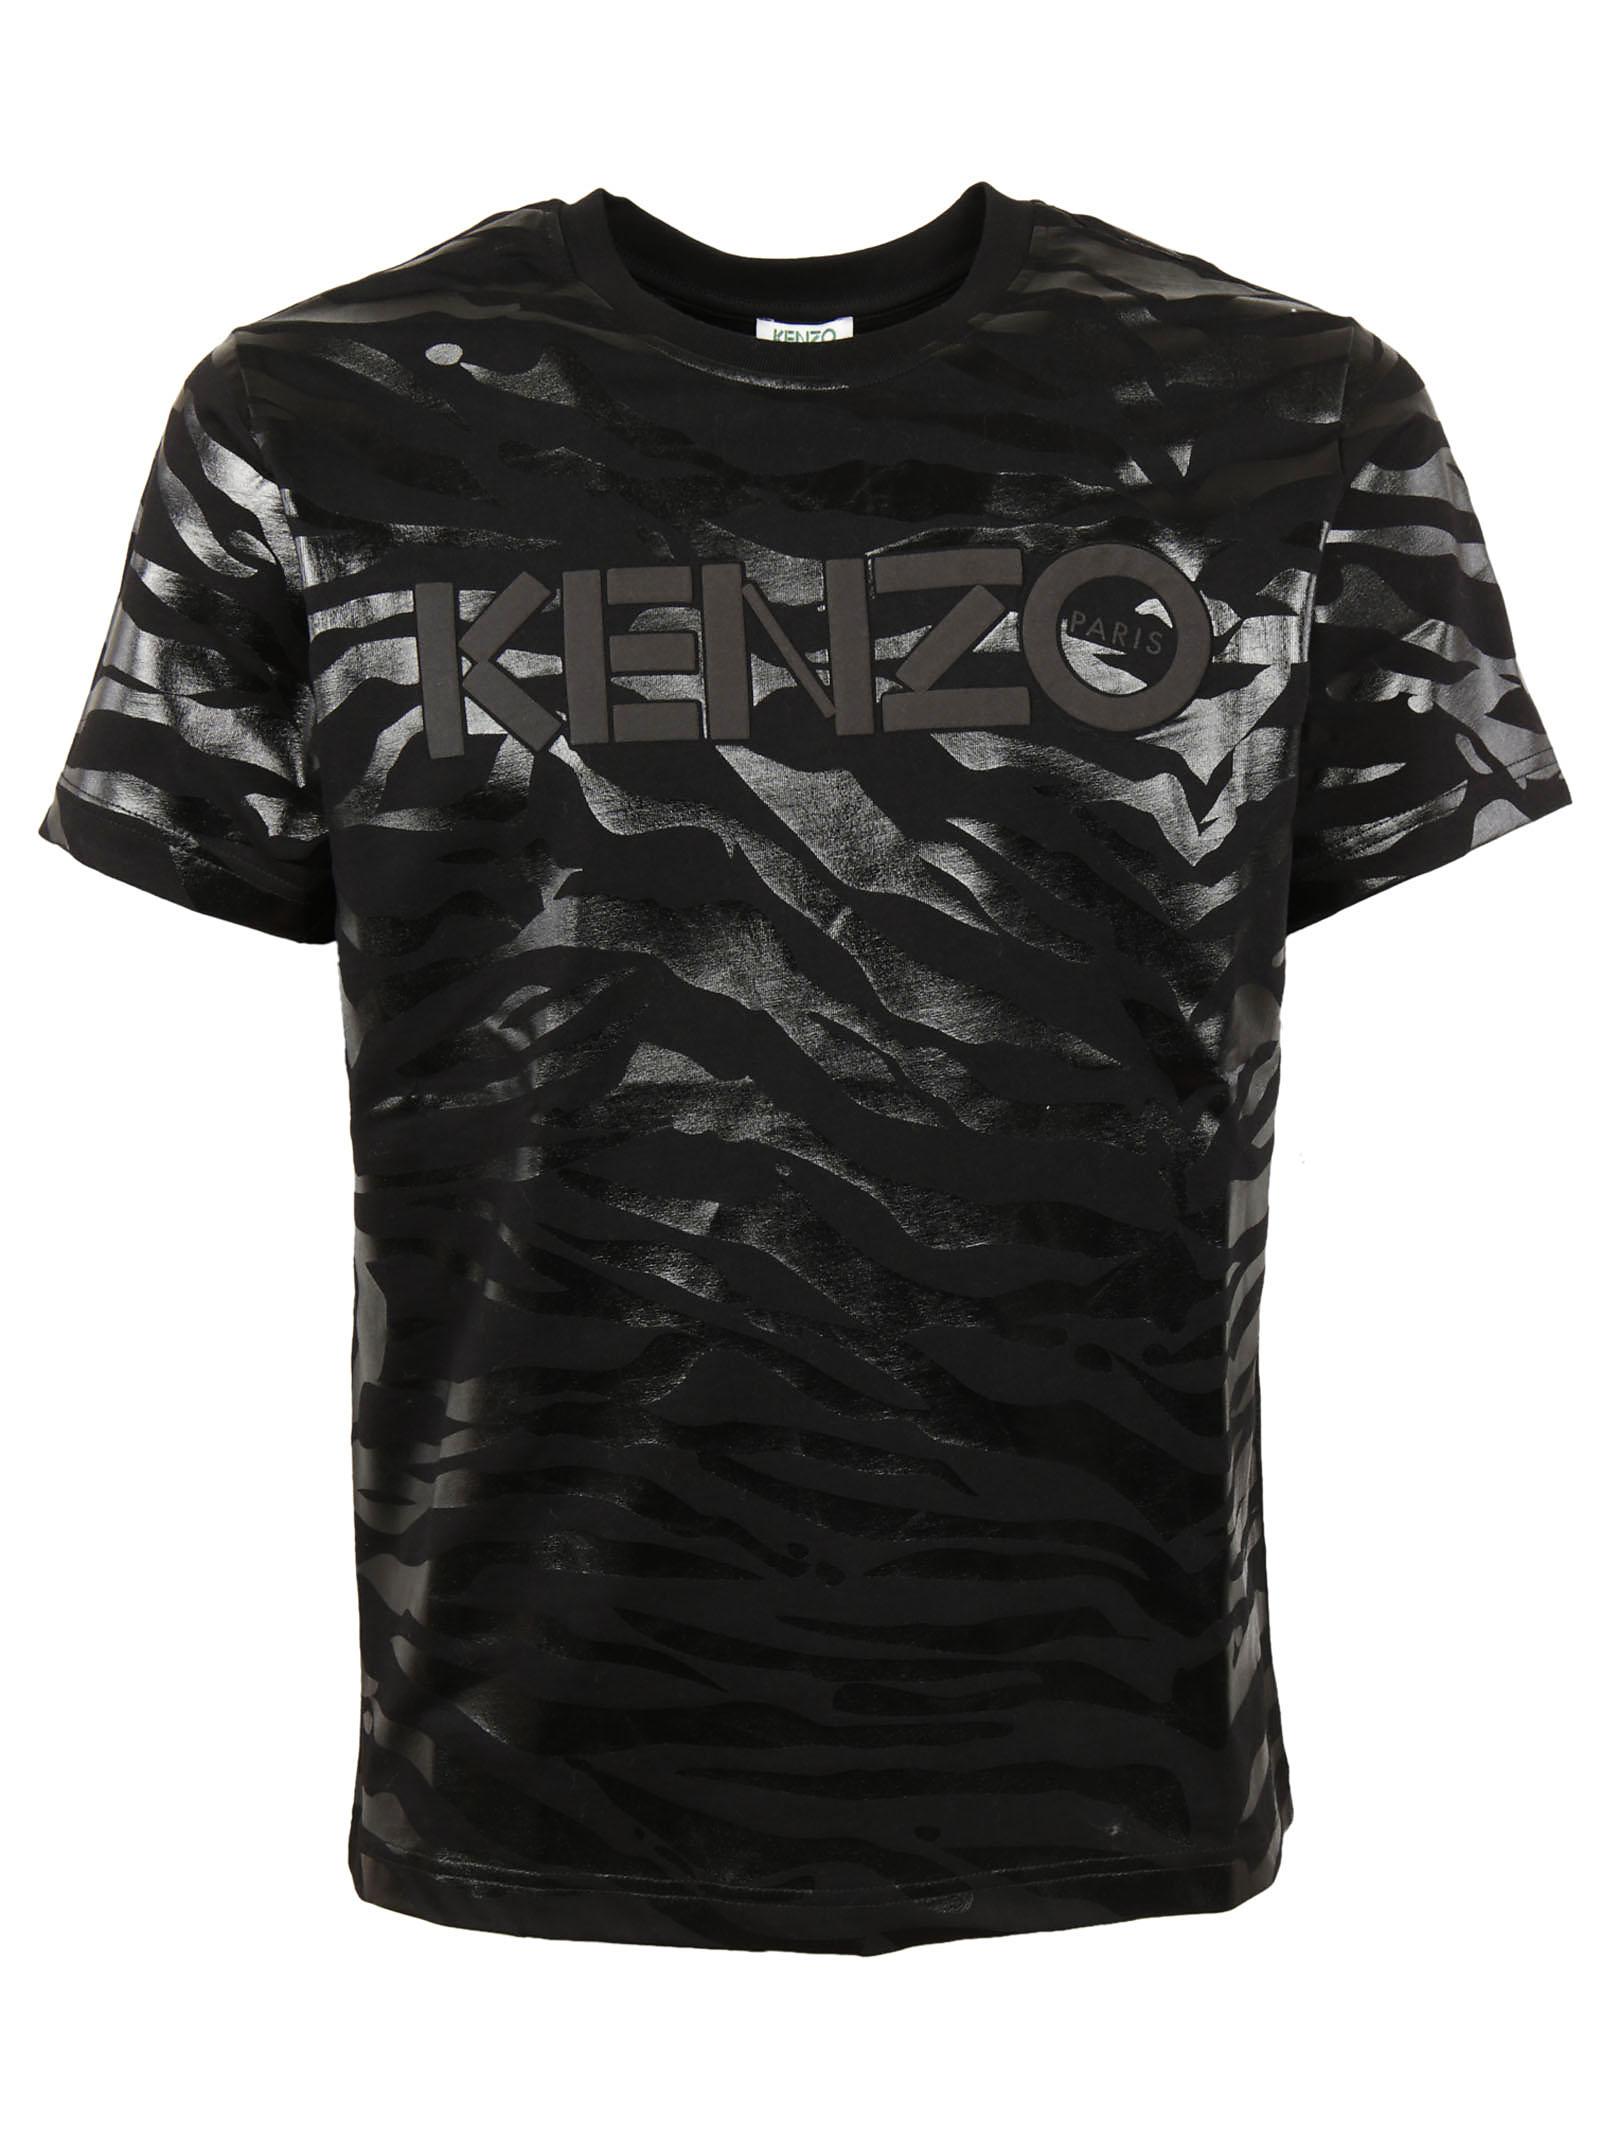 Kenzo Kenzo Tiger Stripes T-Shirt